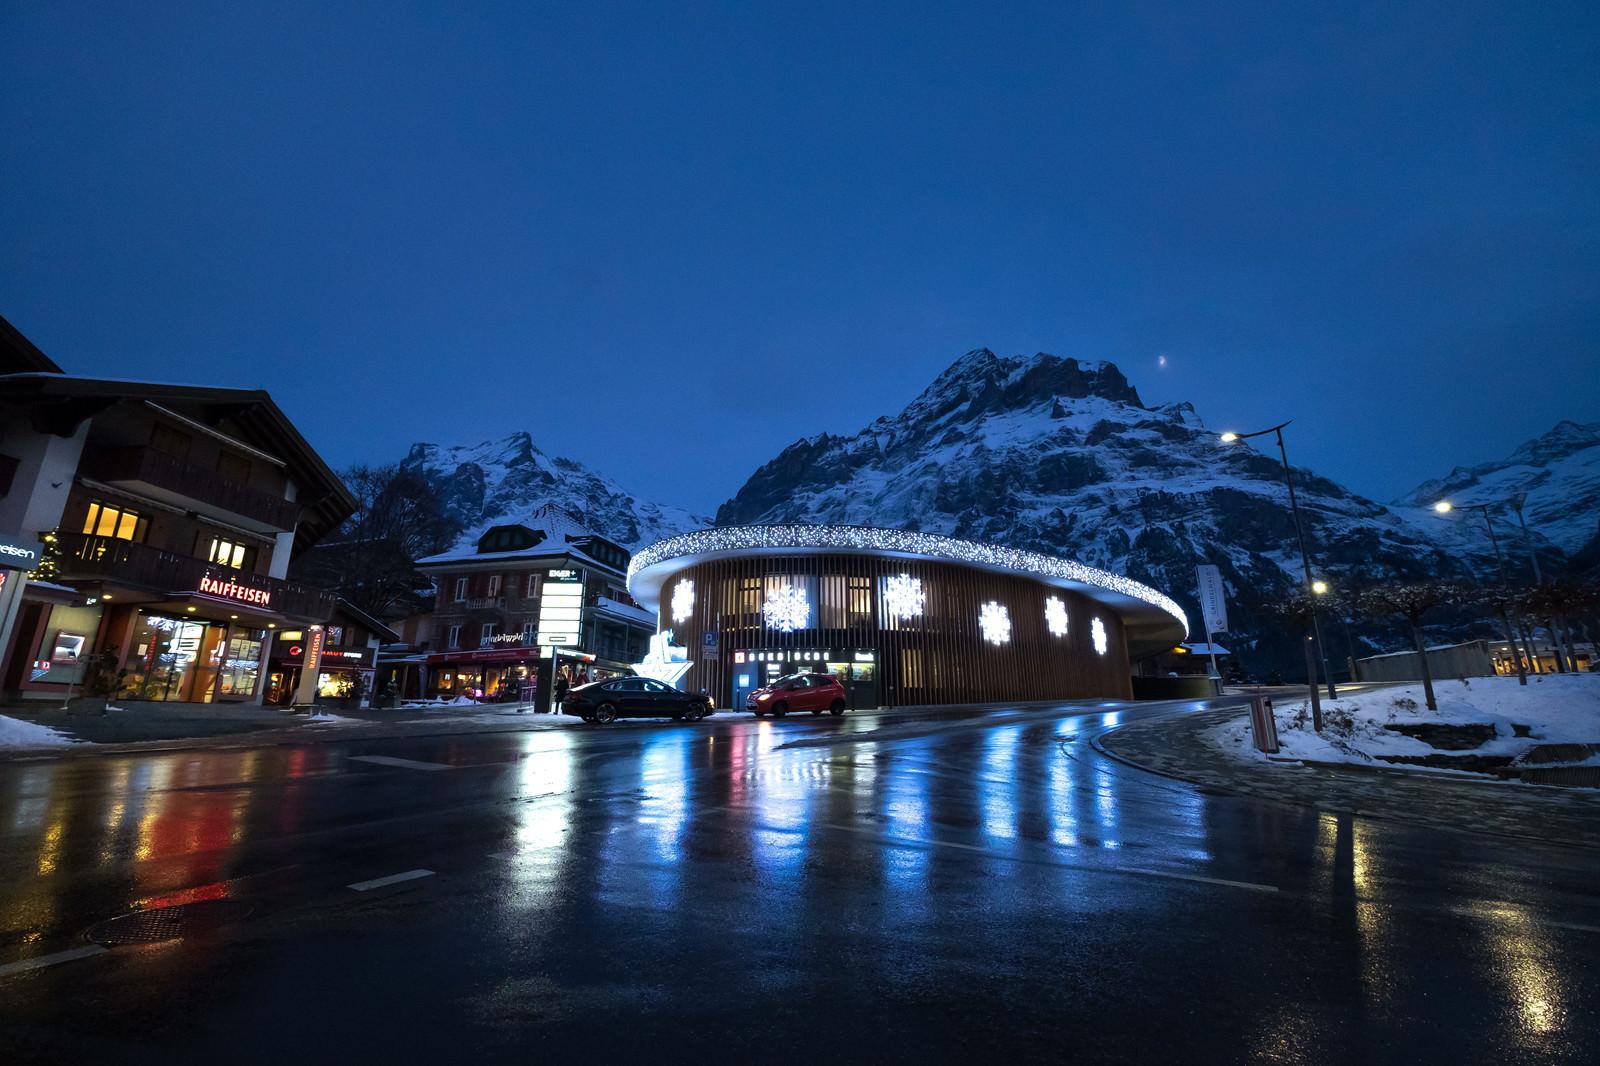 「ライトアップされたグリンデルワルトにある施設(スイス)」の写真